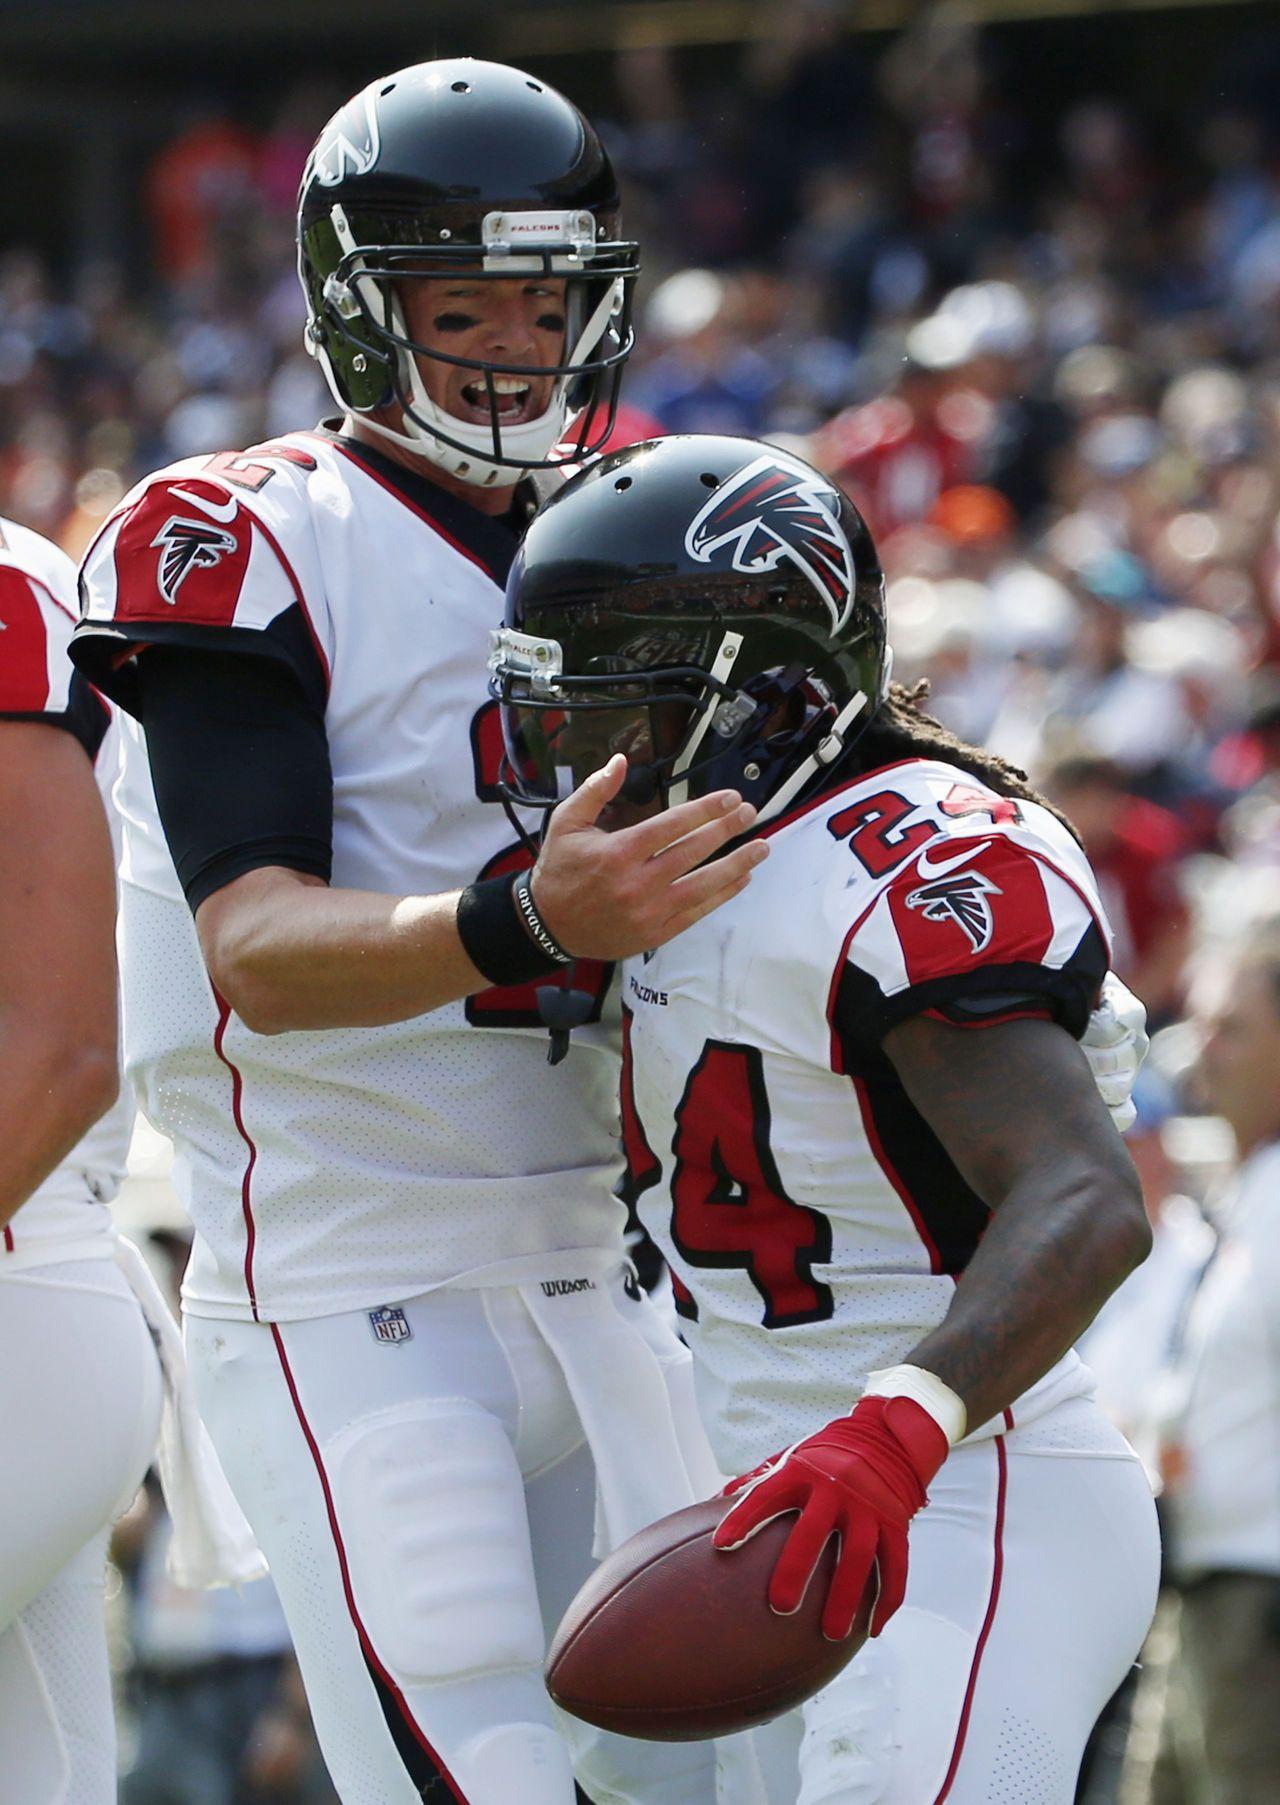 Falcons Bears Football Matt Ryan Devonta Freeman Pg 600 Jpg 1 280 1 805 Pixels Bears Football Devonta Freeman Atlanta Falcons